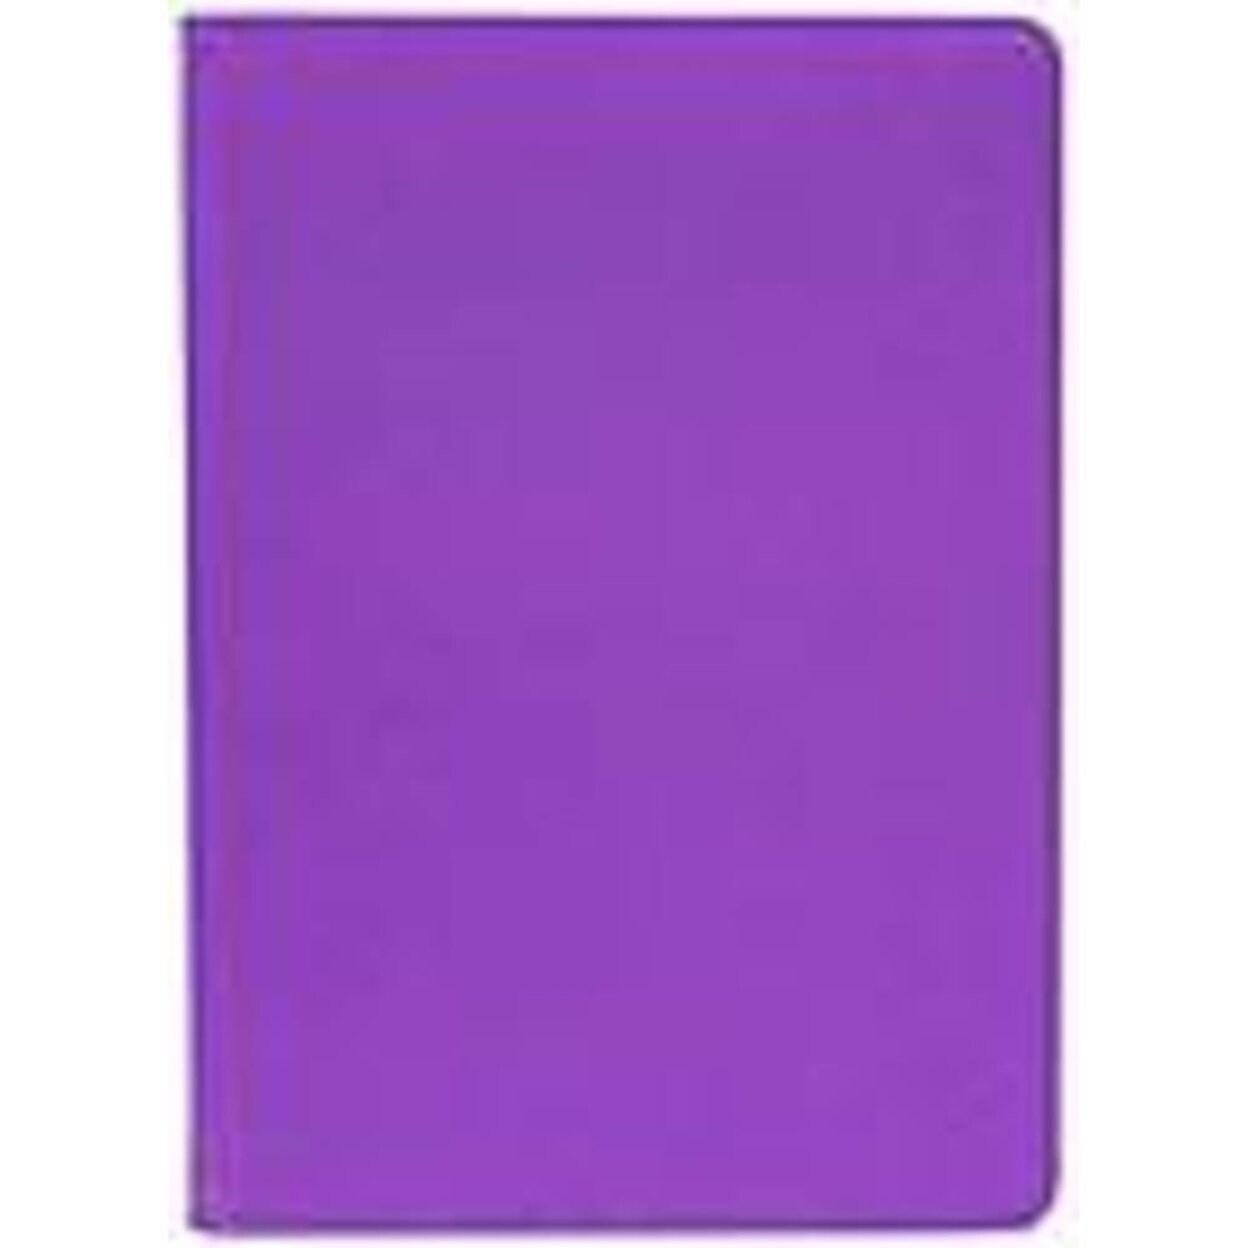 M-Edge Carrying Case (Folio) for 8 iPad mini - Purple - Ballistic Nylon,  Silicone Strap